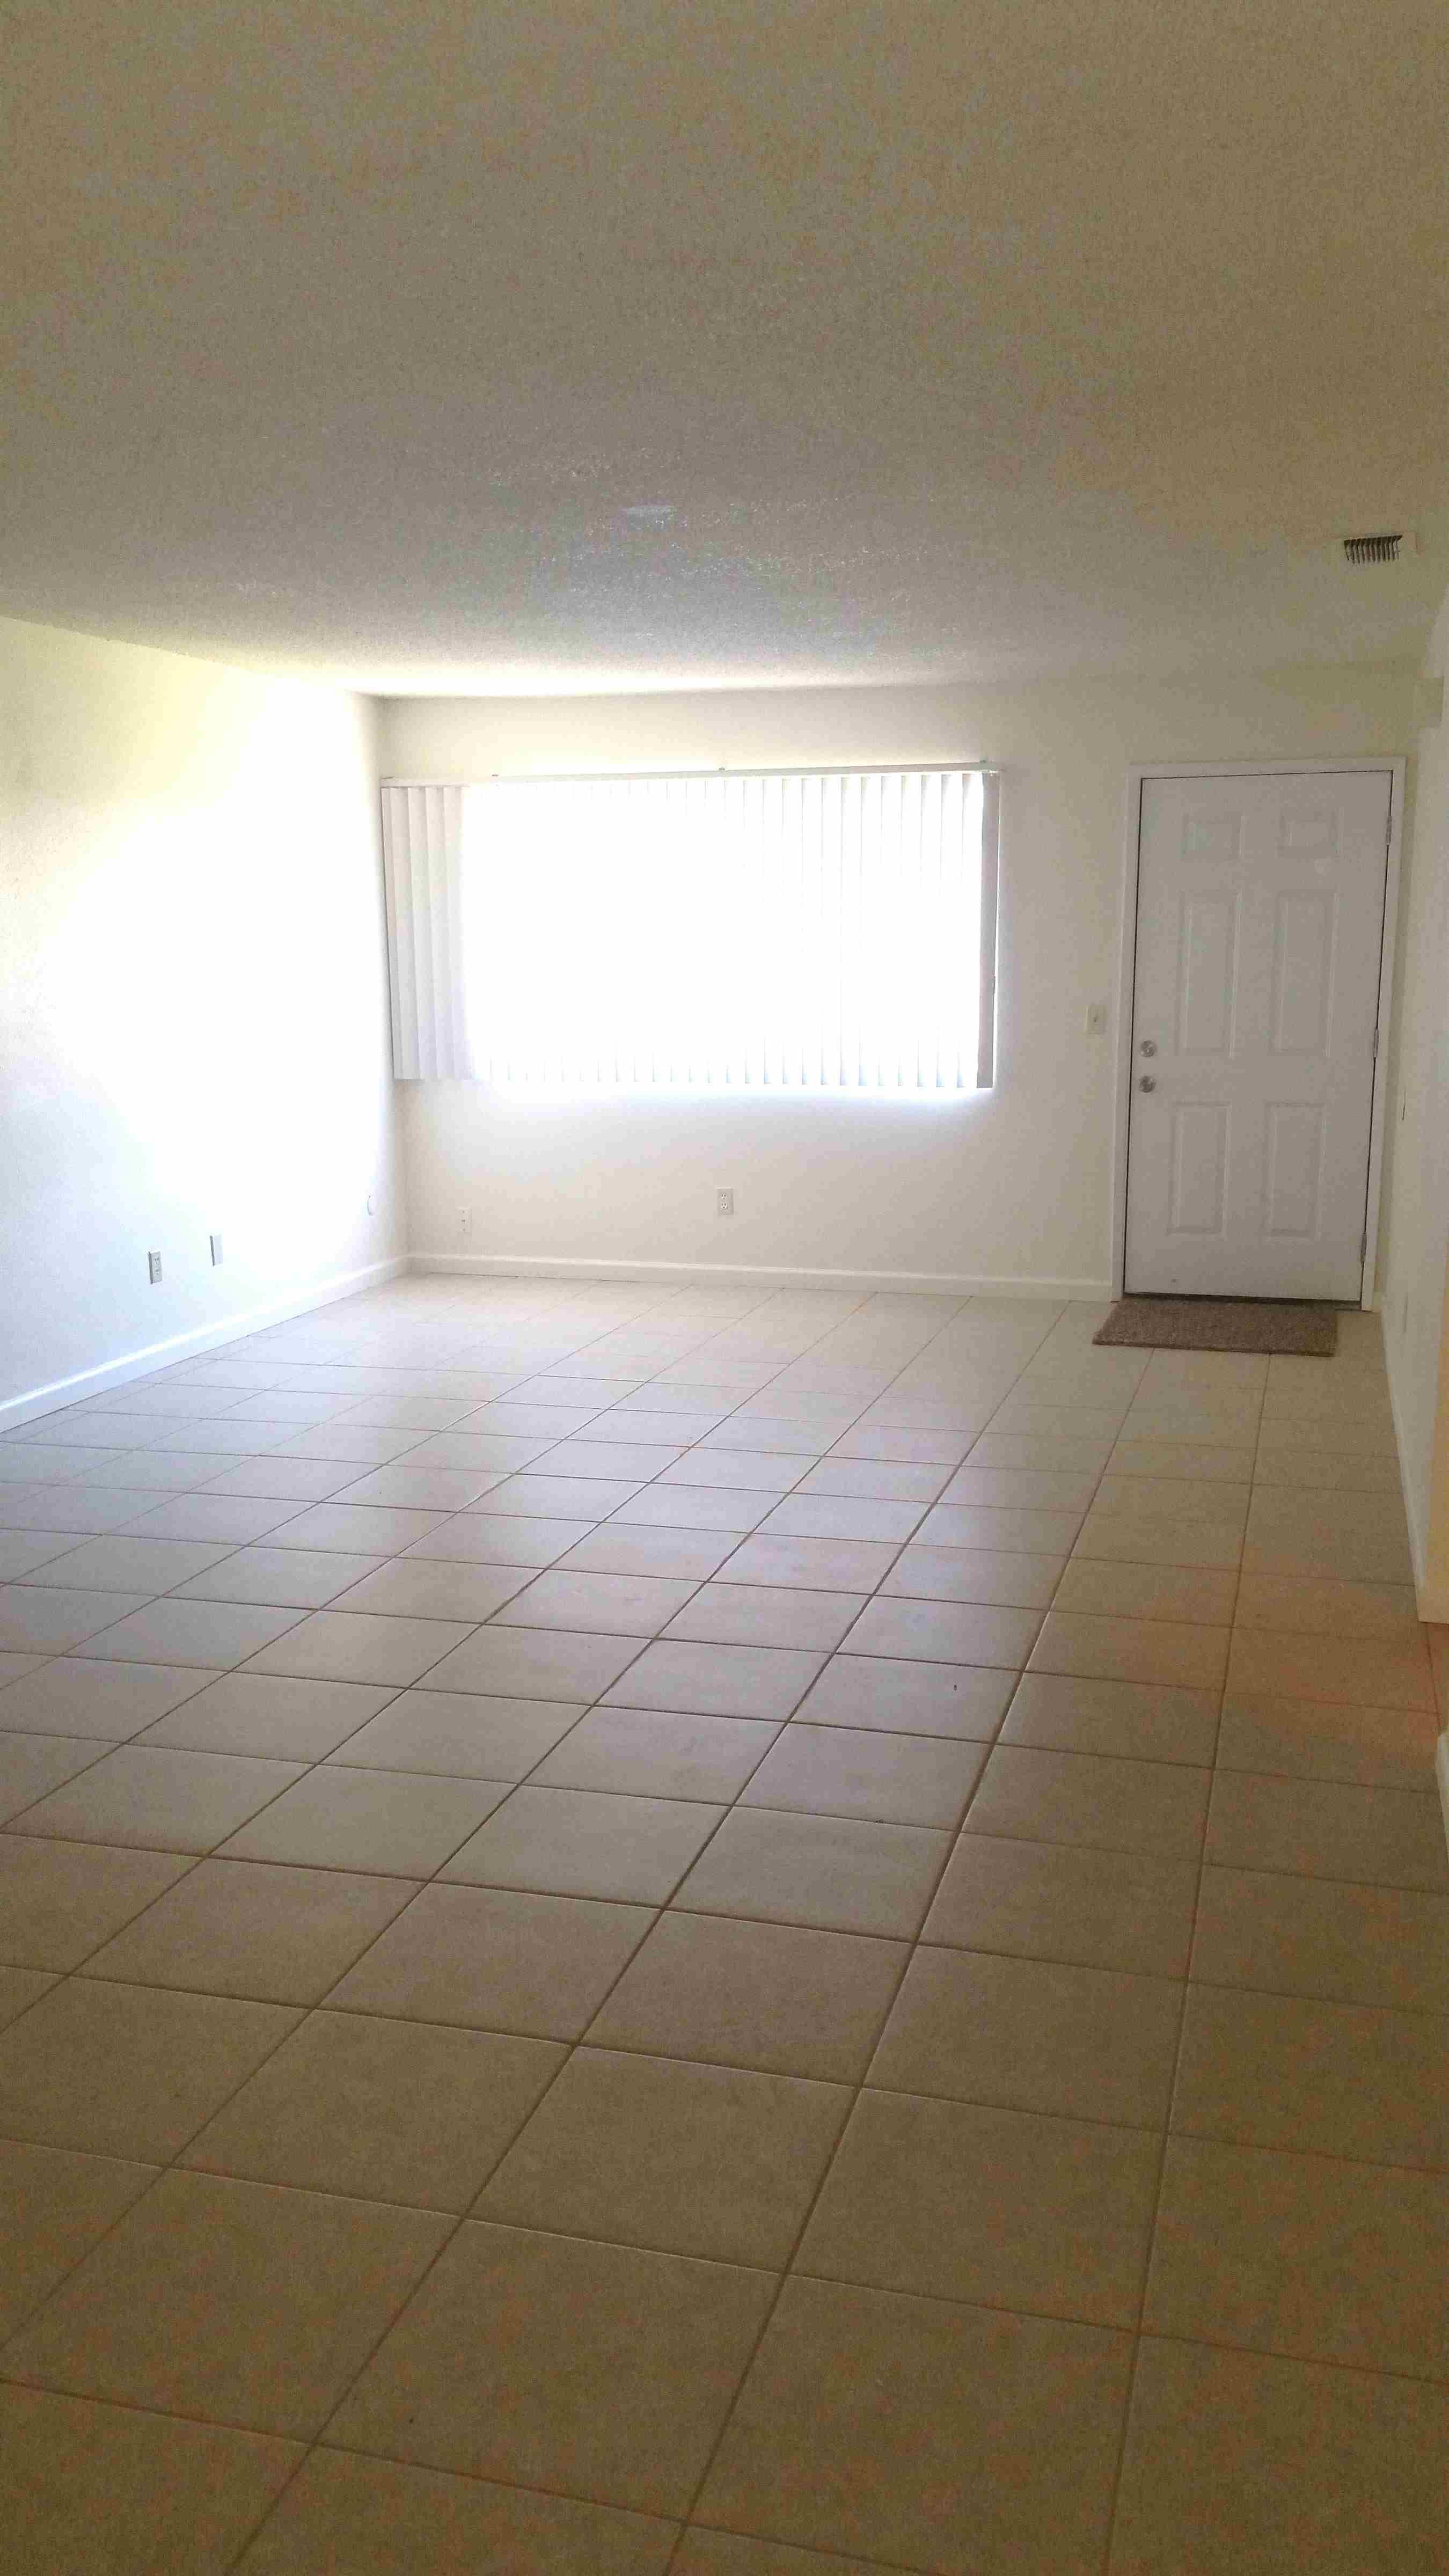 Photo of 1424 N Lemoore Ave A  Lemoore  CA